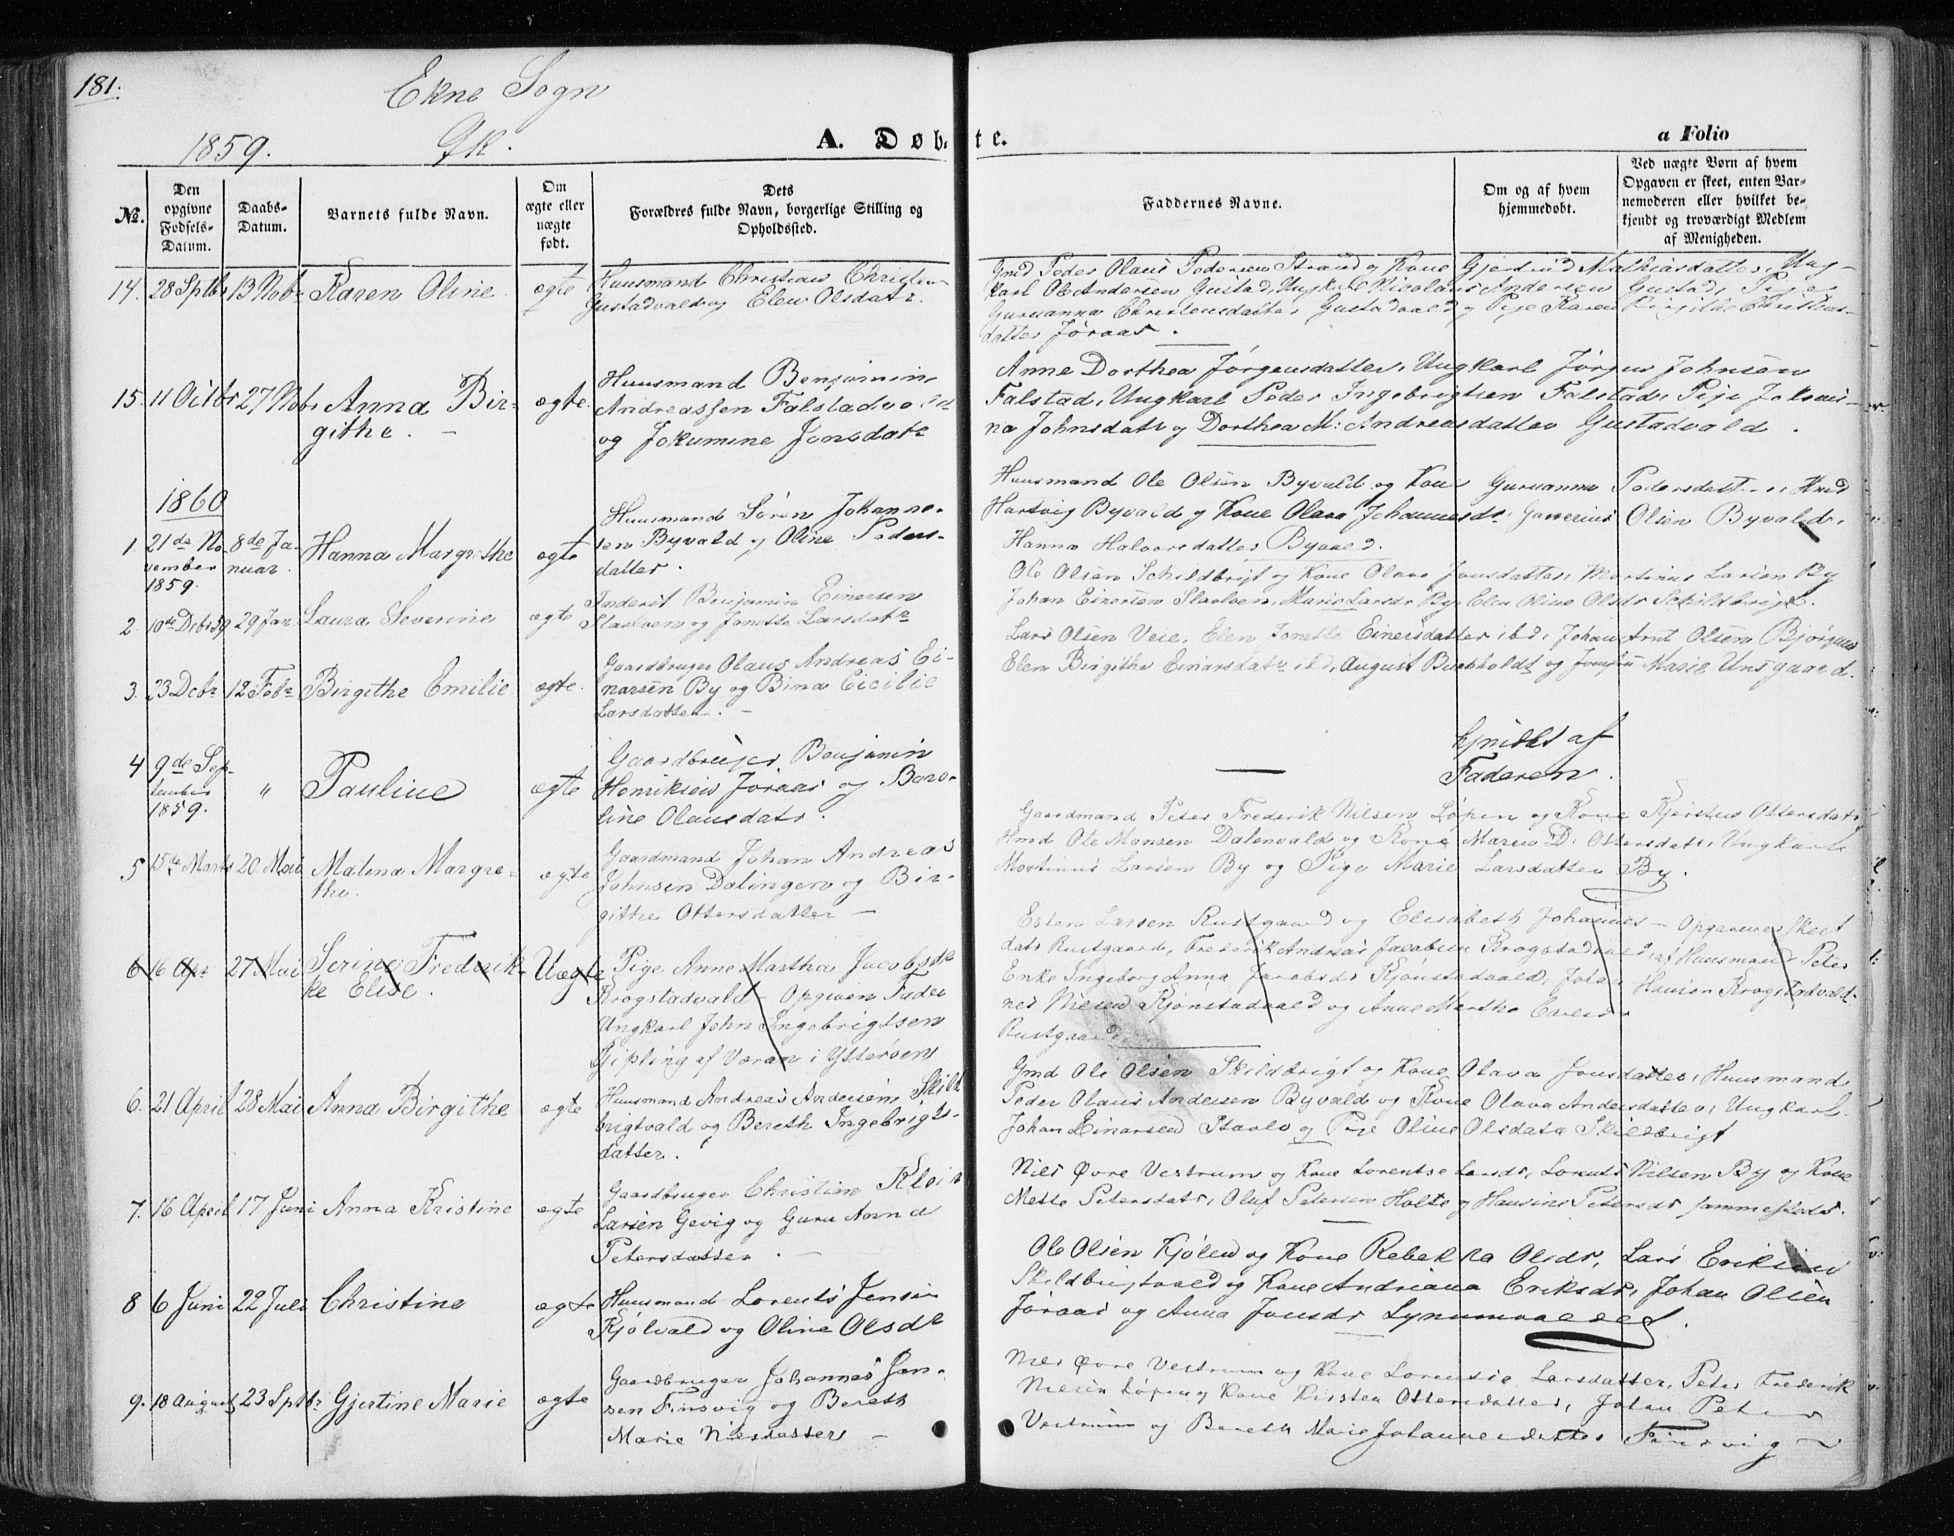 SAT, Ministerialprotokoller, klokkerbøker og fødselsregistre - Nord-Trøndelag, 717/L0154: Ministerialbok nr. 717A07 /3, 1850-1862, s. 181